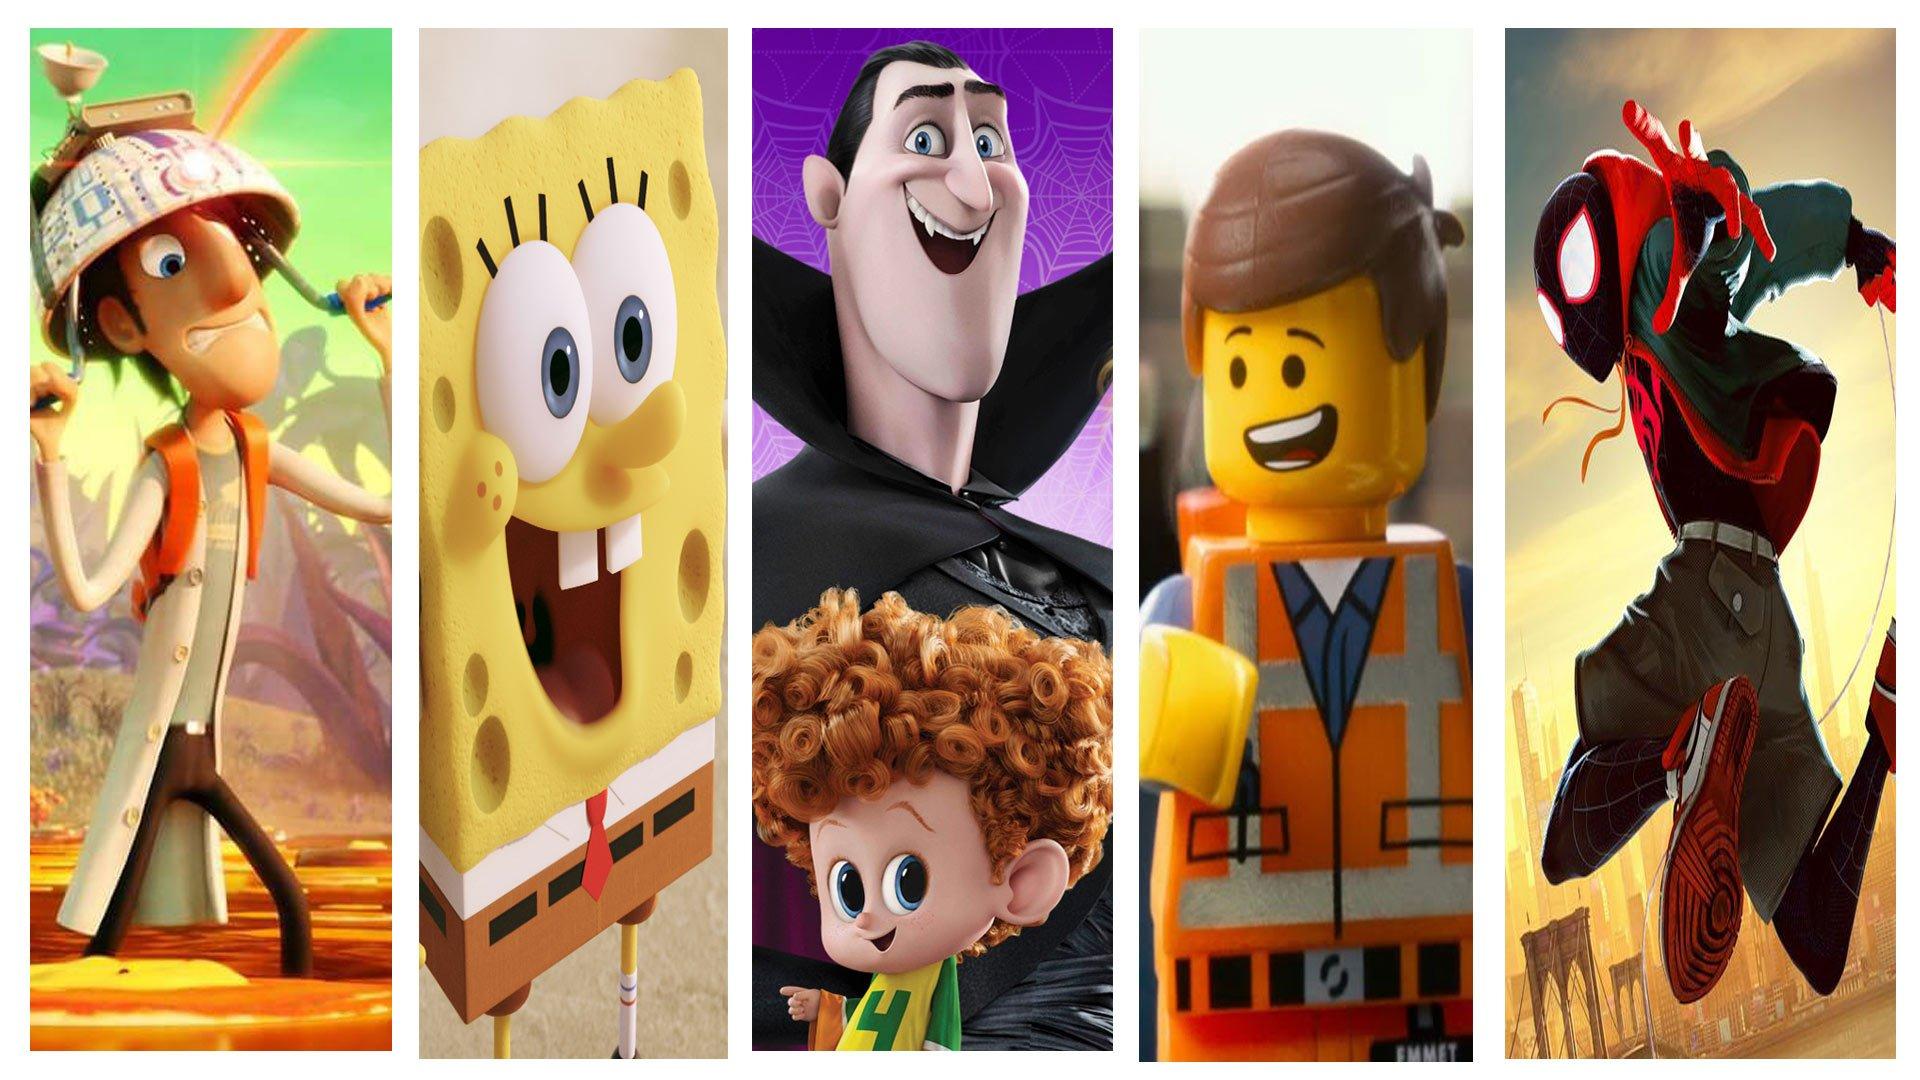 دیدنی ترین انیمیشن هایی که محصول دیزنی یا یونیورسال نیستند